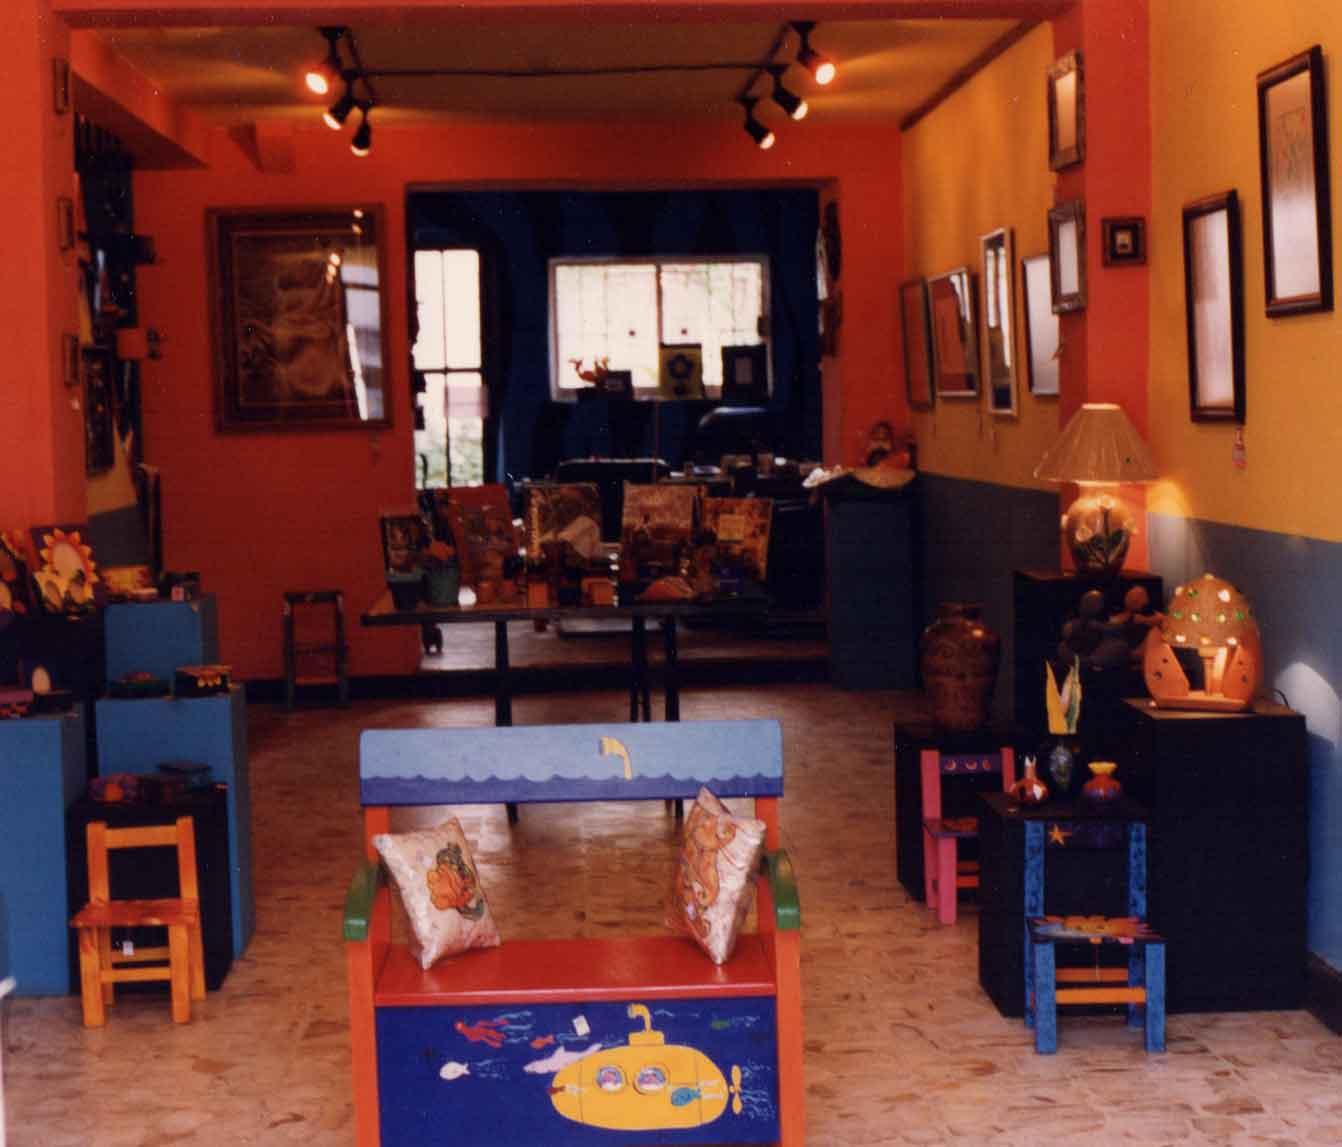 un-tigre-azul-galeria-cholula